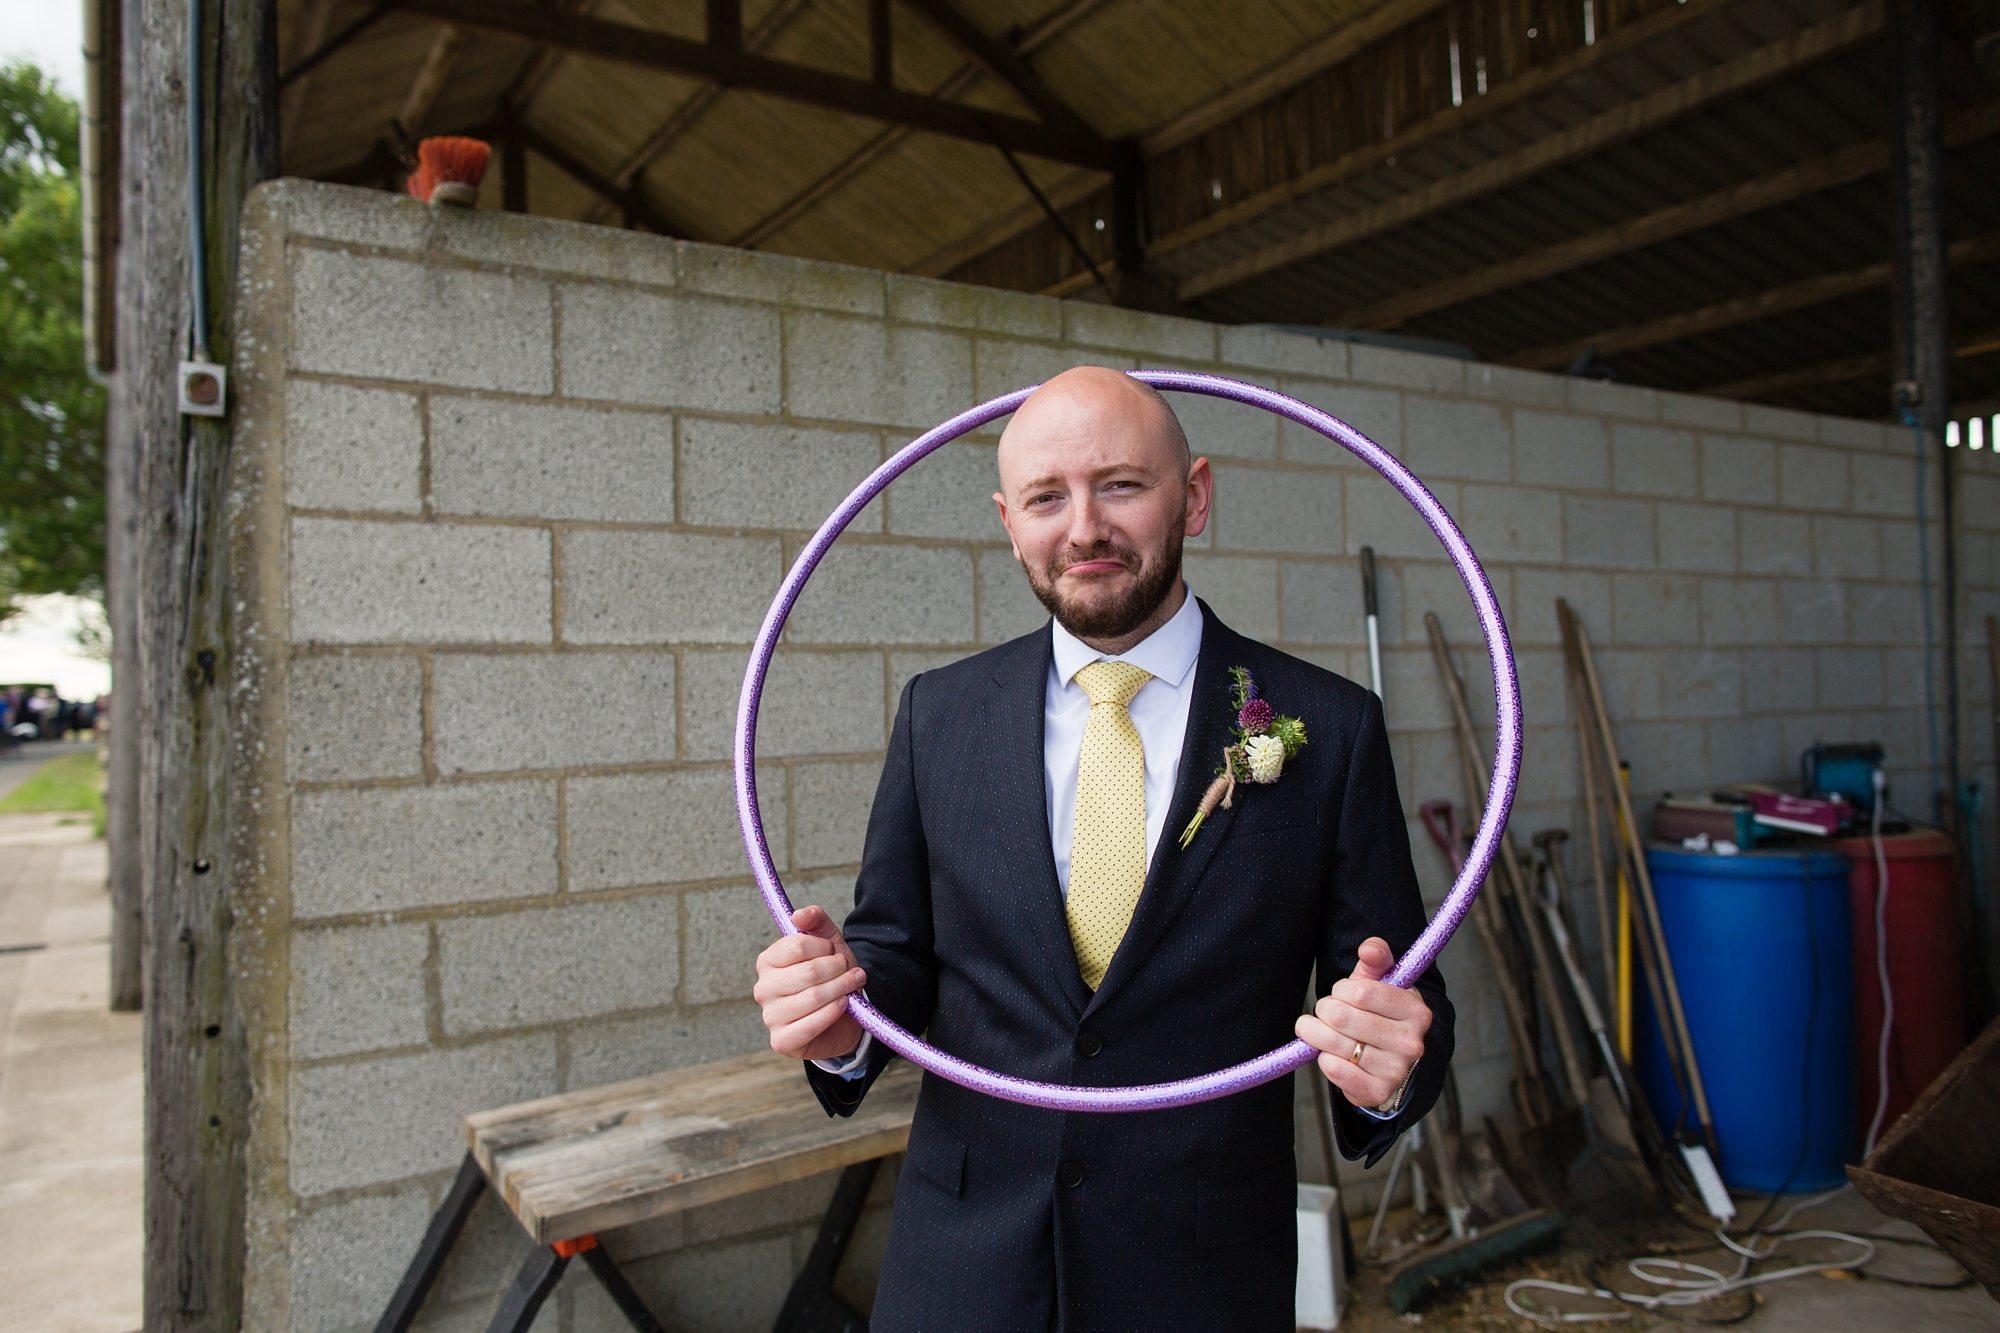 groom pulling sad face holding hula hoop